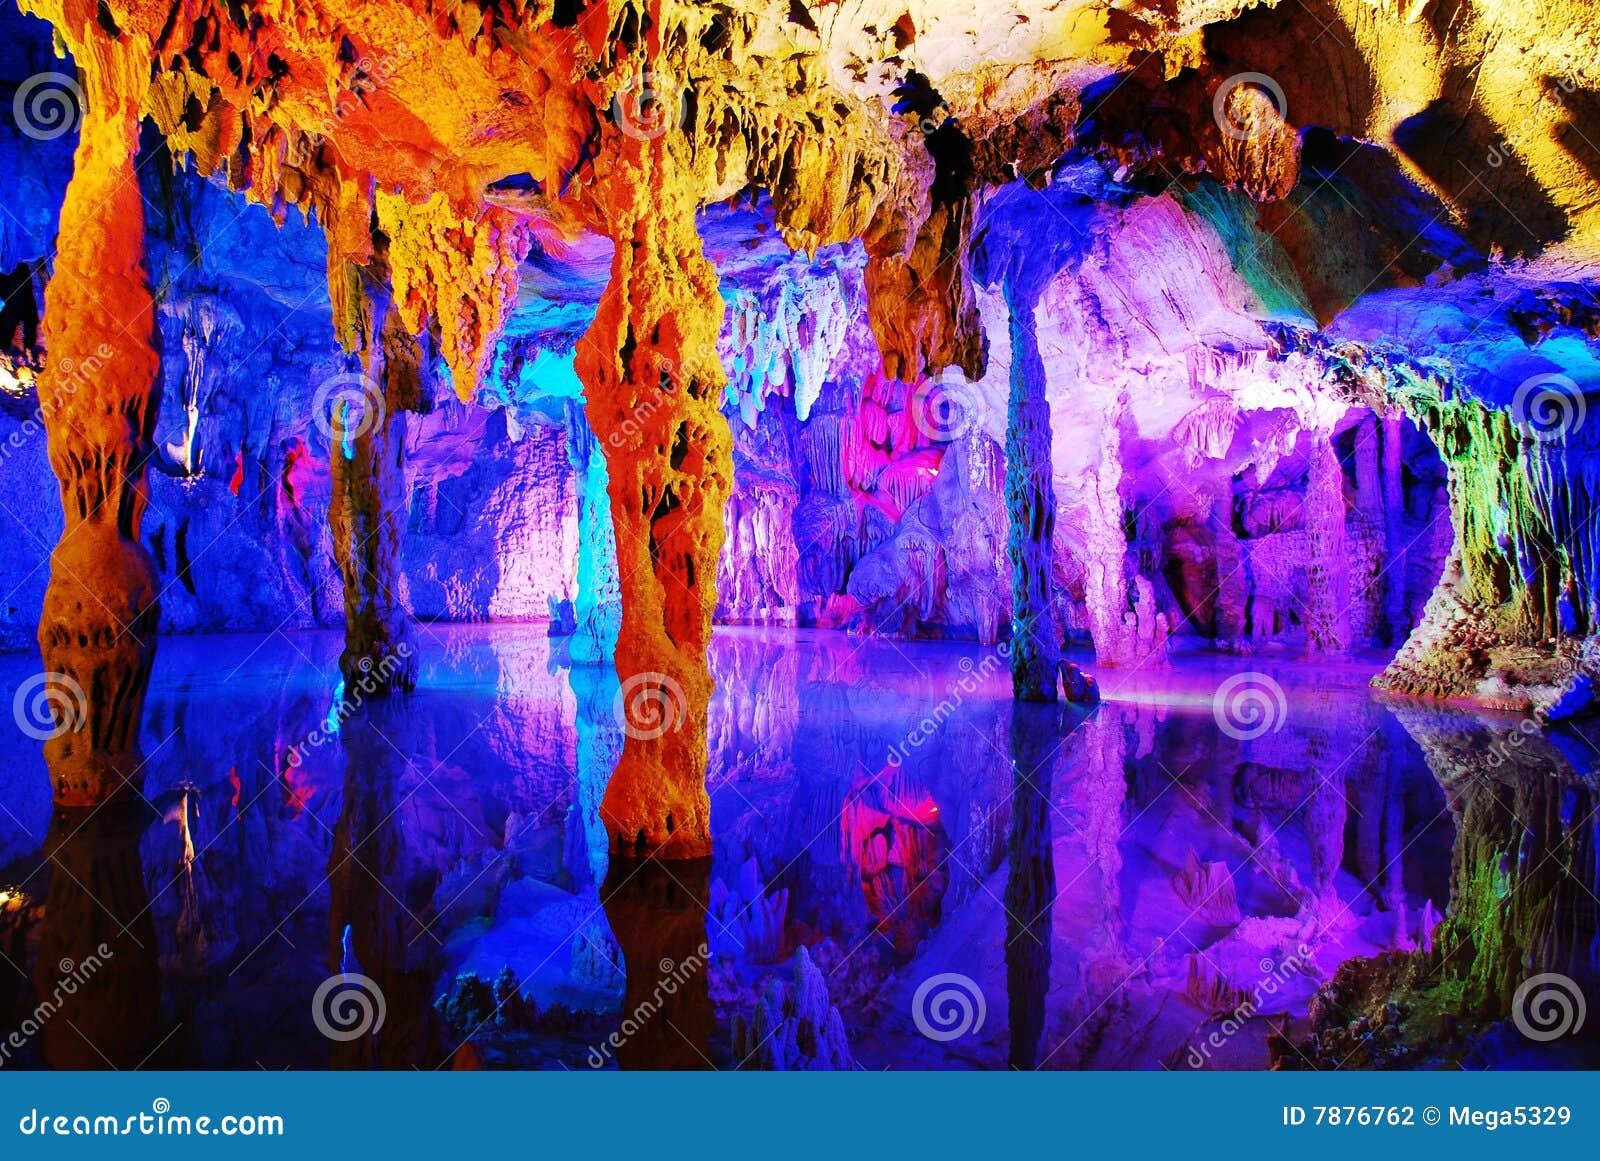 Grotta eroderat flöjtvassvatten